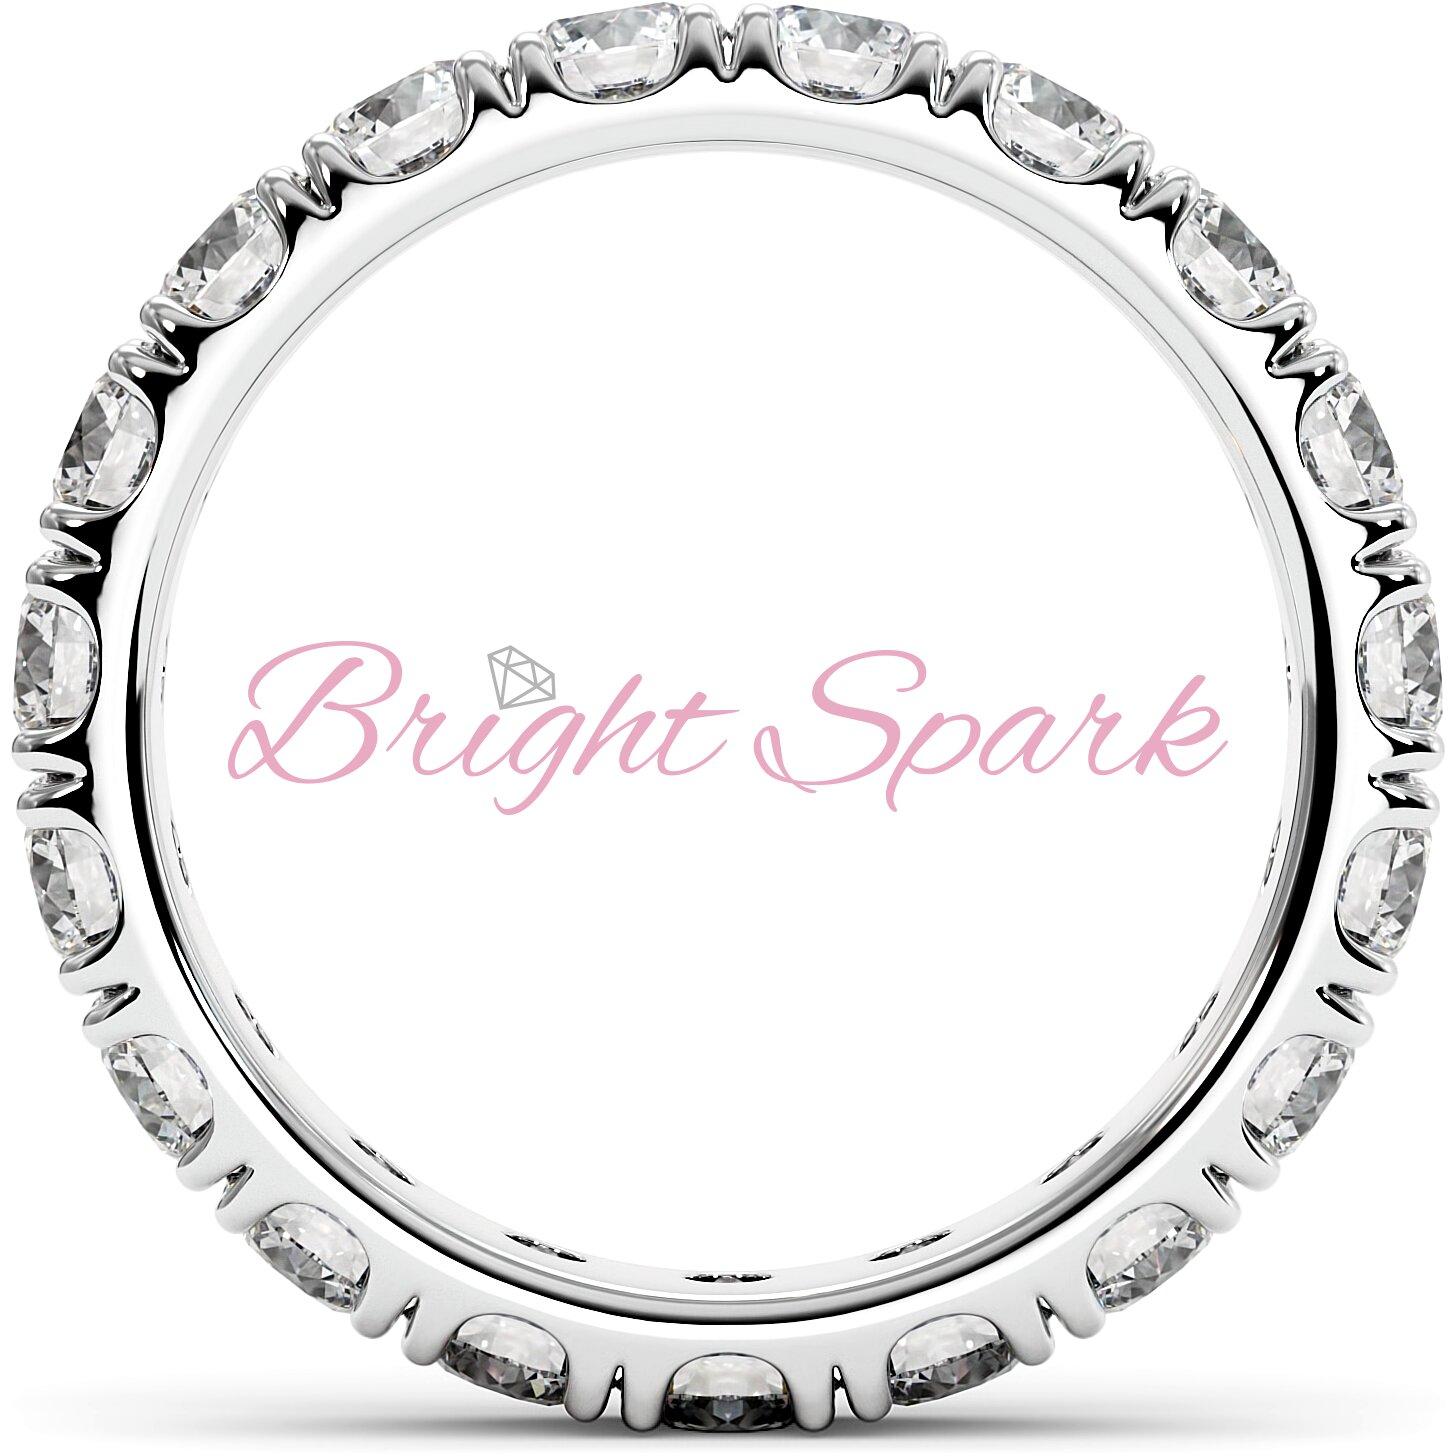 Изящное кольцо белого золота с камнями по кругу